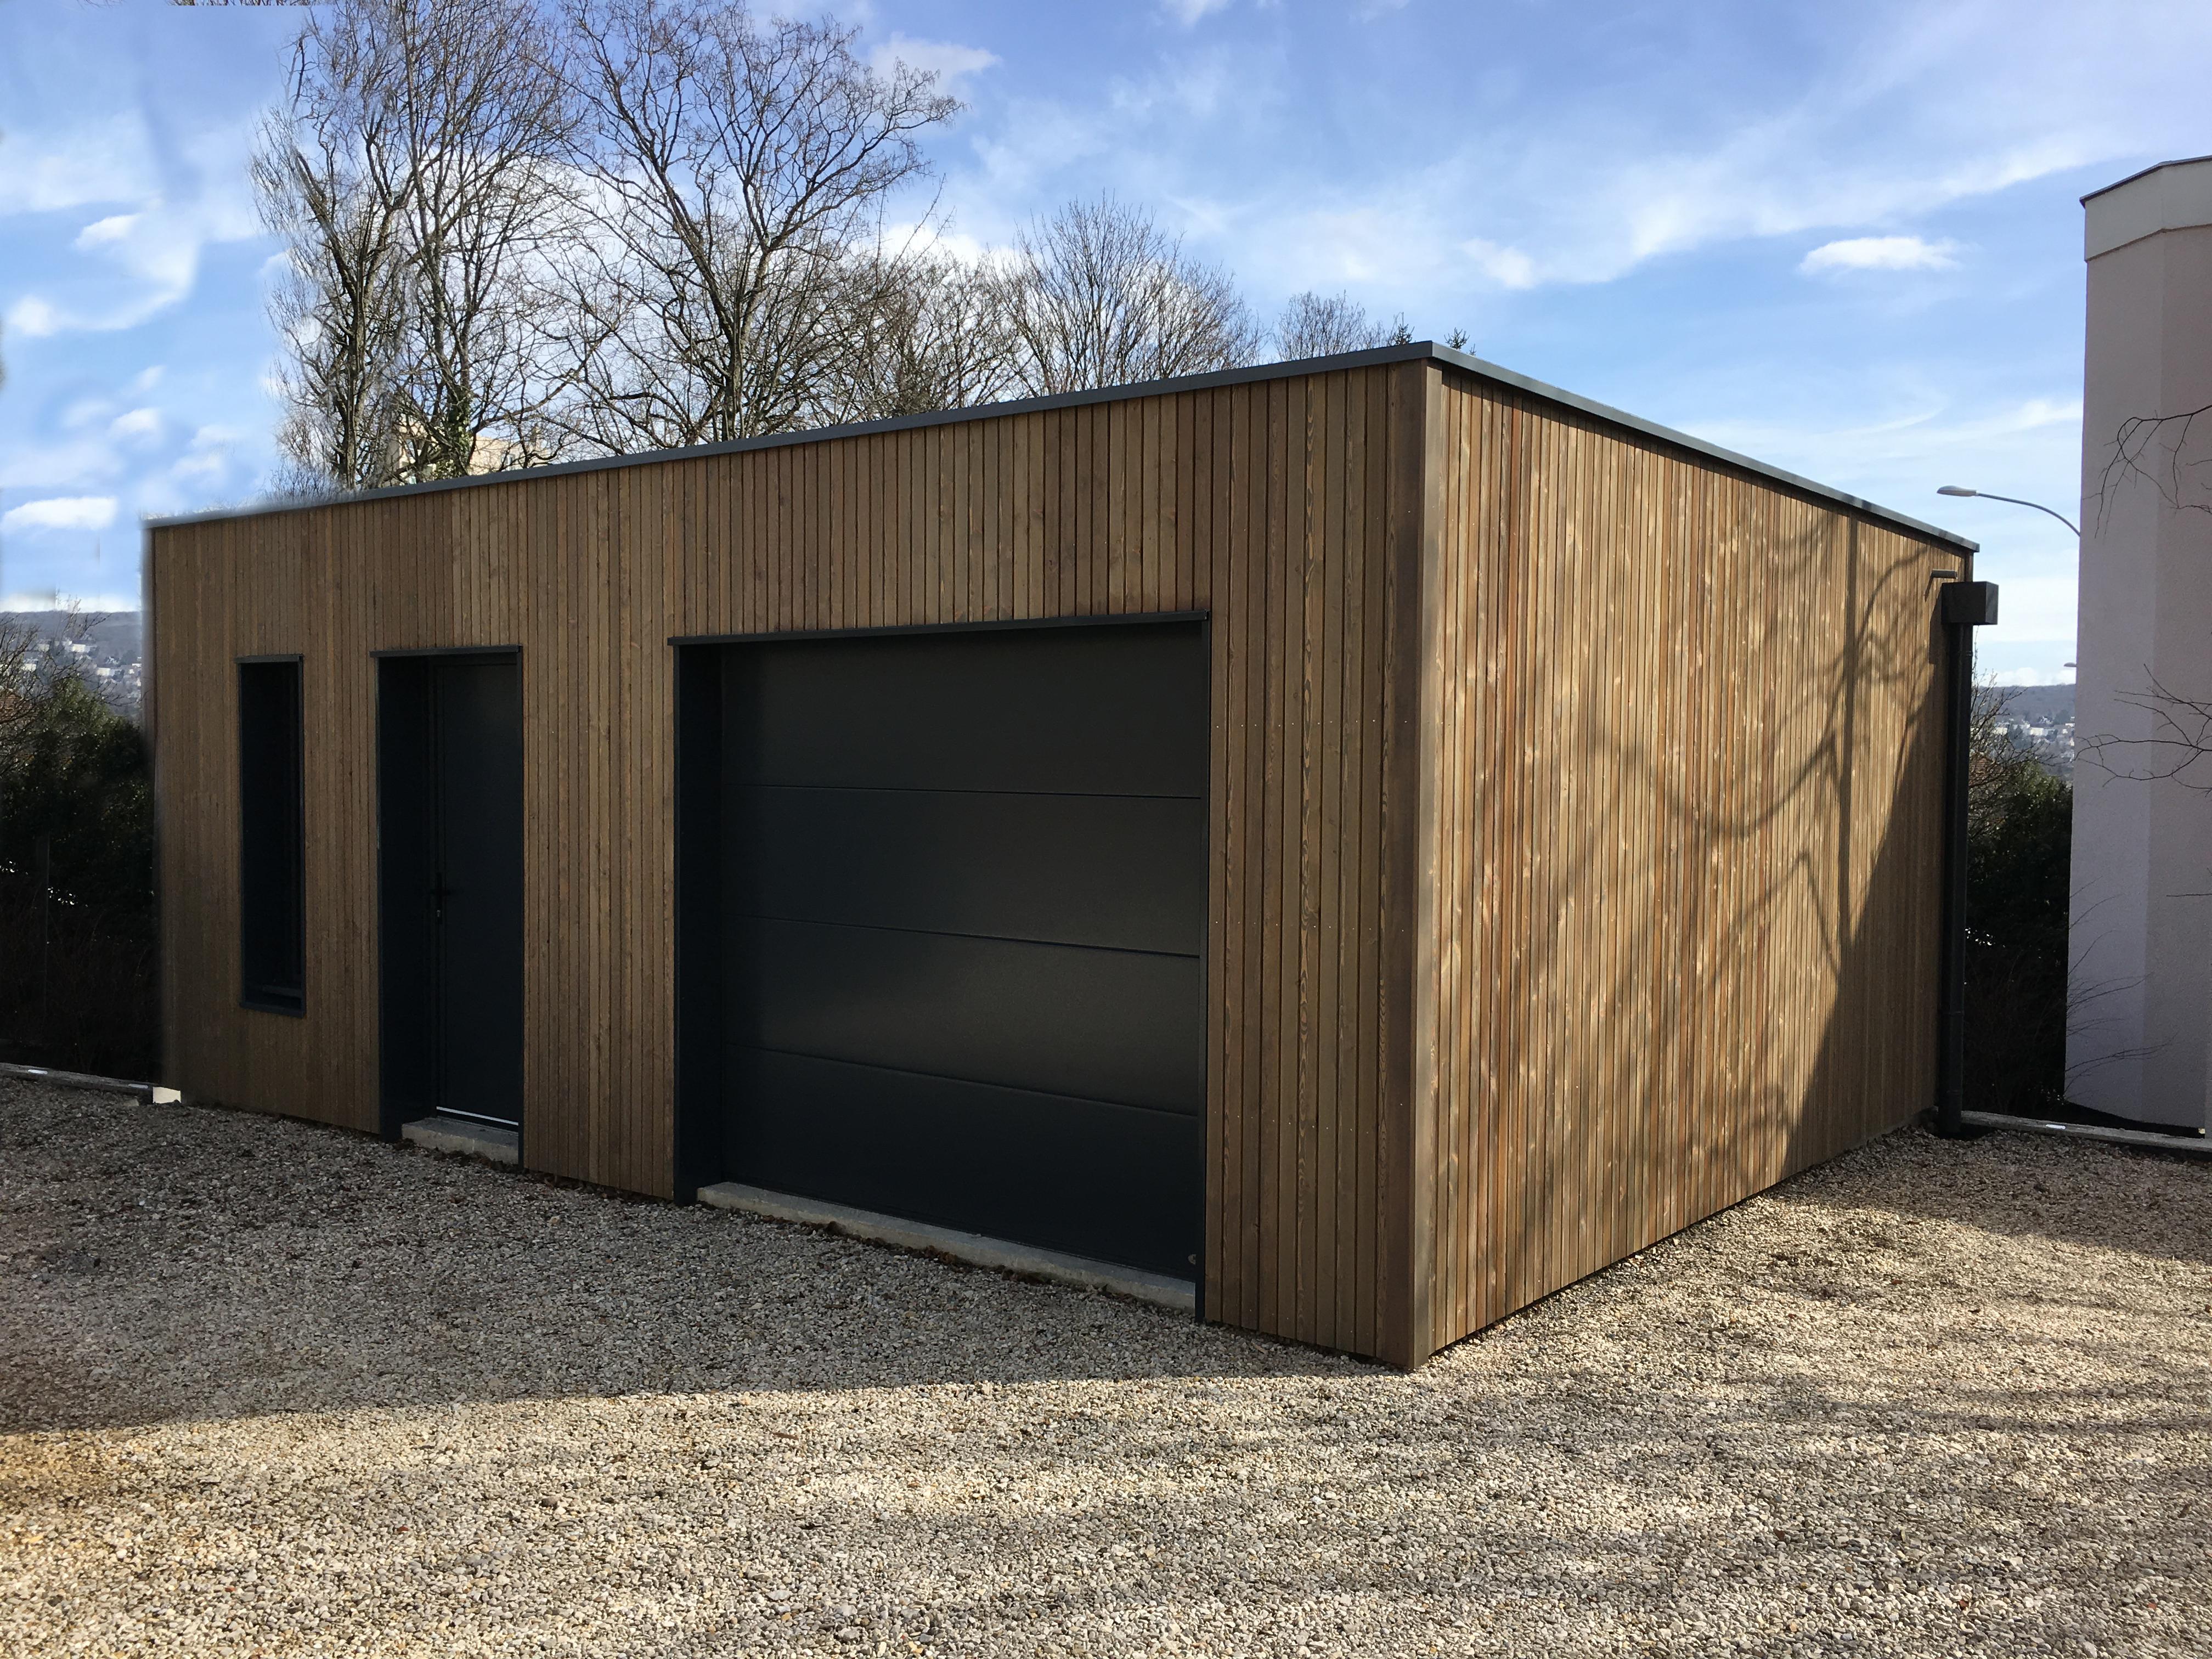 Bardage Bois Vertical Interieur garage ossature bois sur mesure de qualité | garage bois